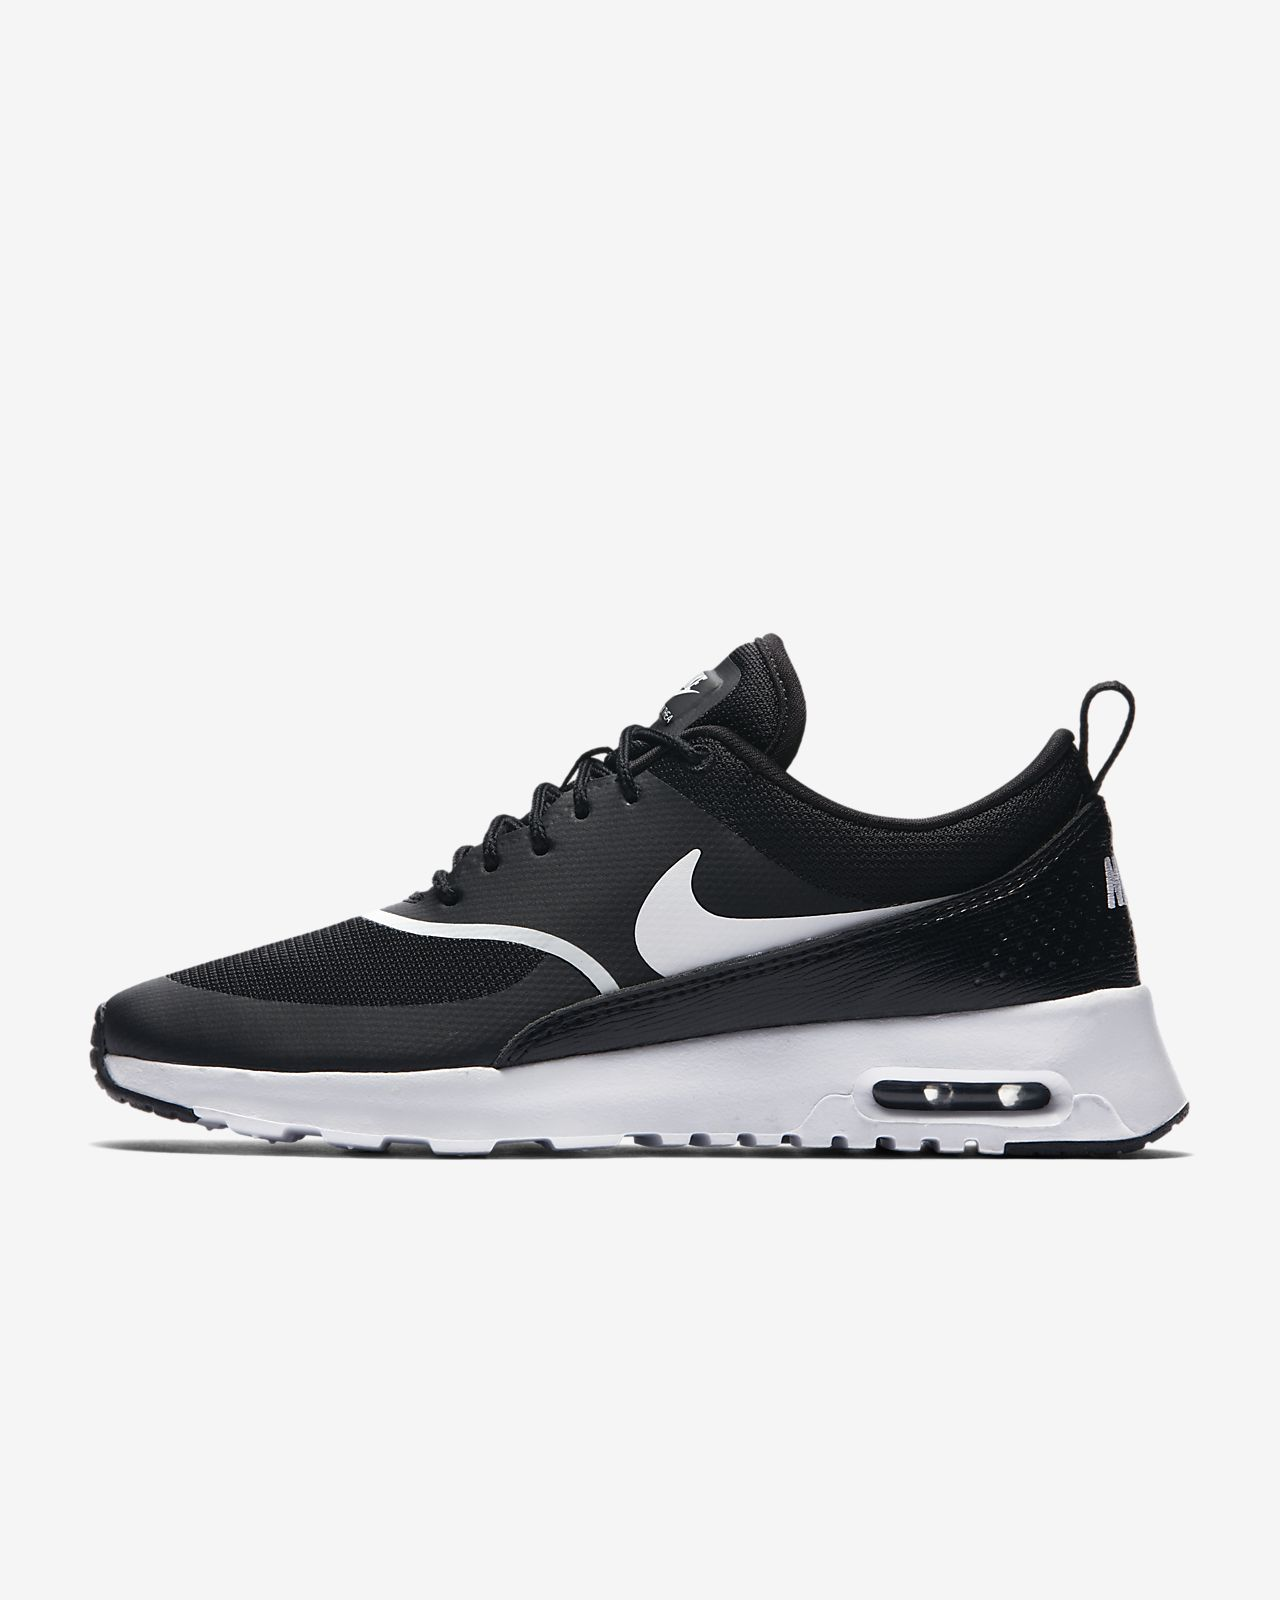 รองเท้าผู้หญิง Nike Air Max Thea